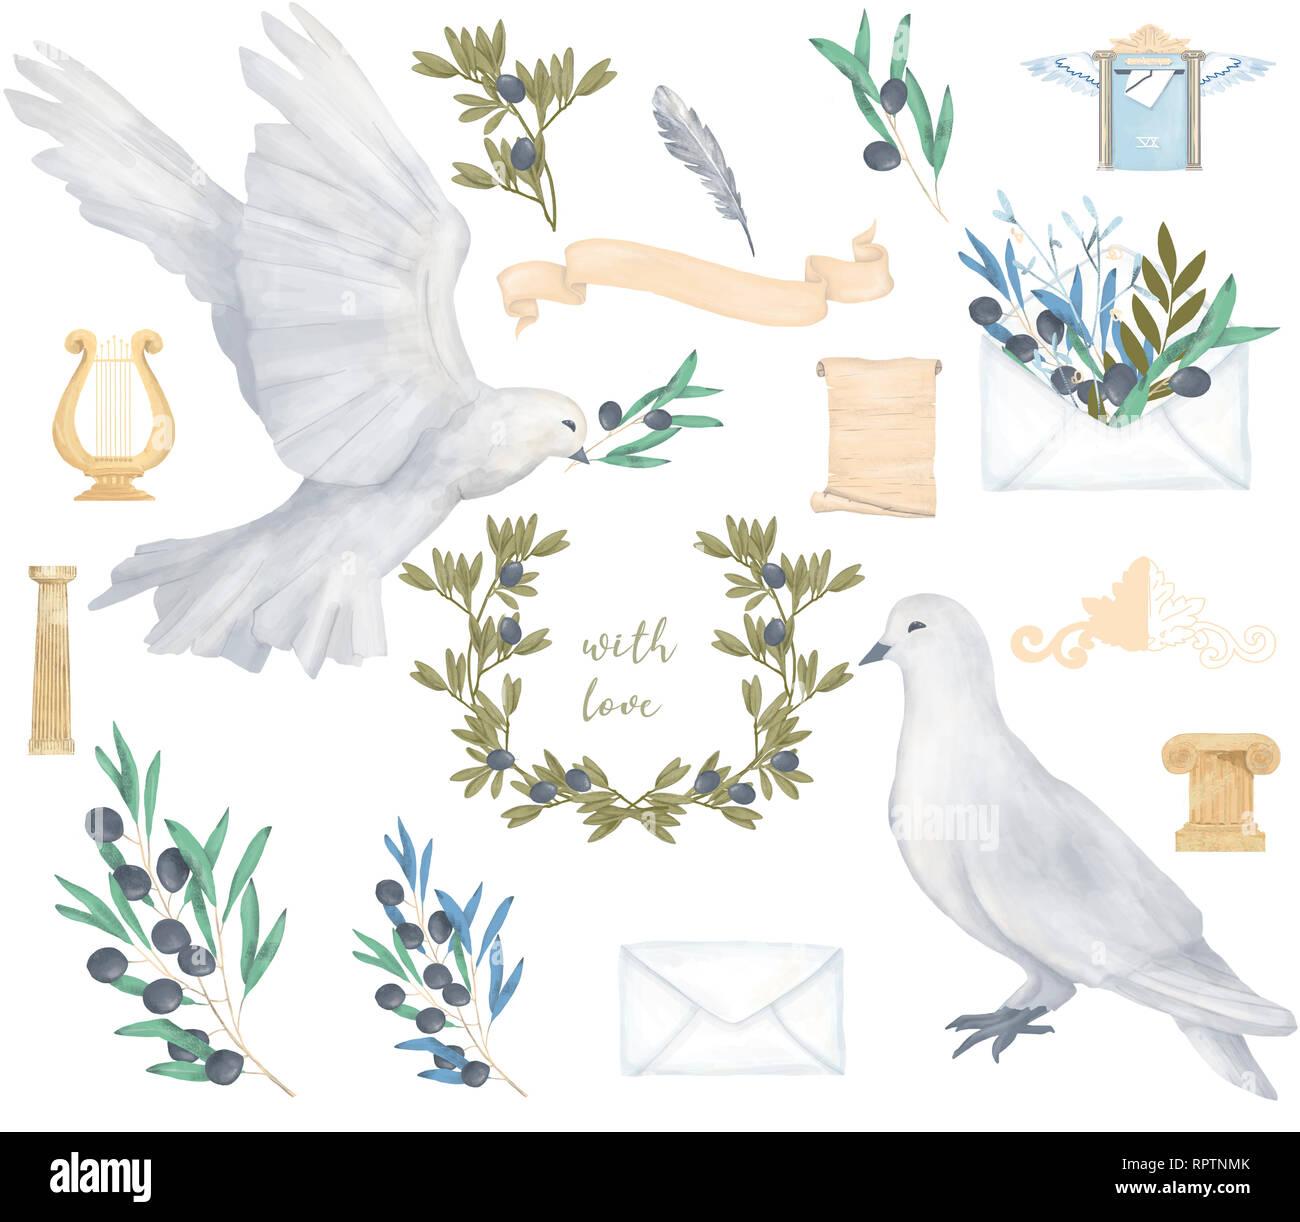 Pigeon E Oliva Clip Art Disegno Digitale Acquerello Uccello